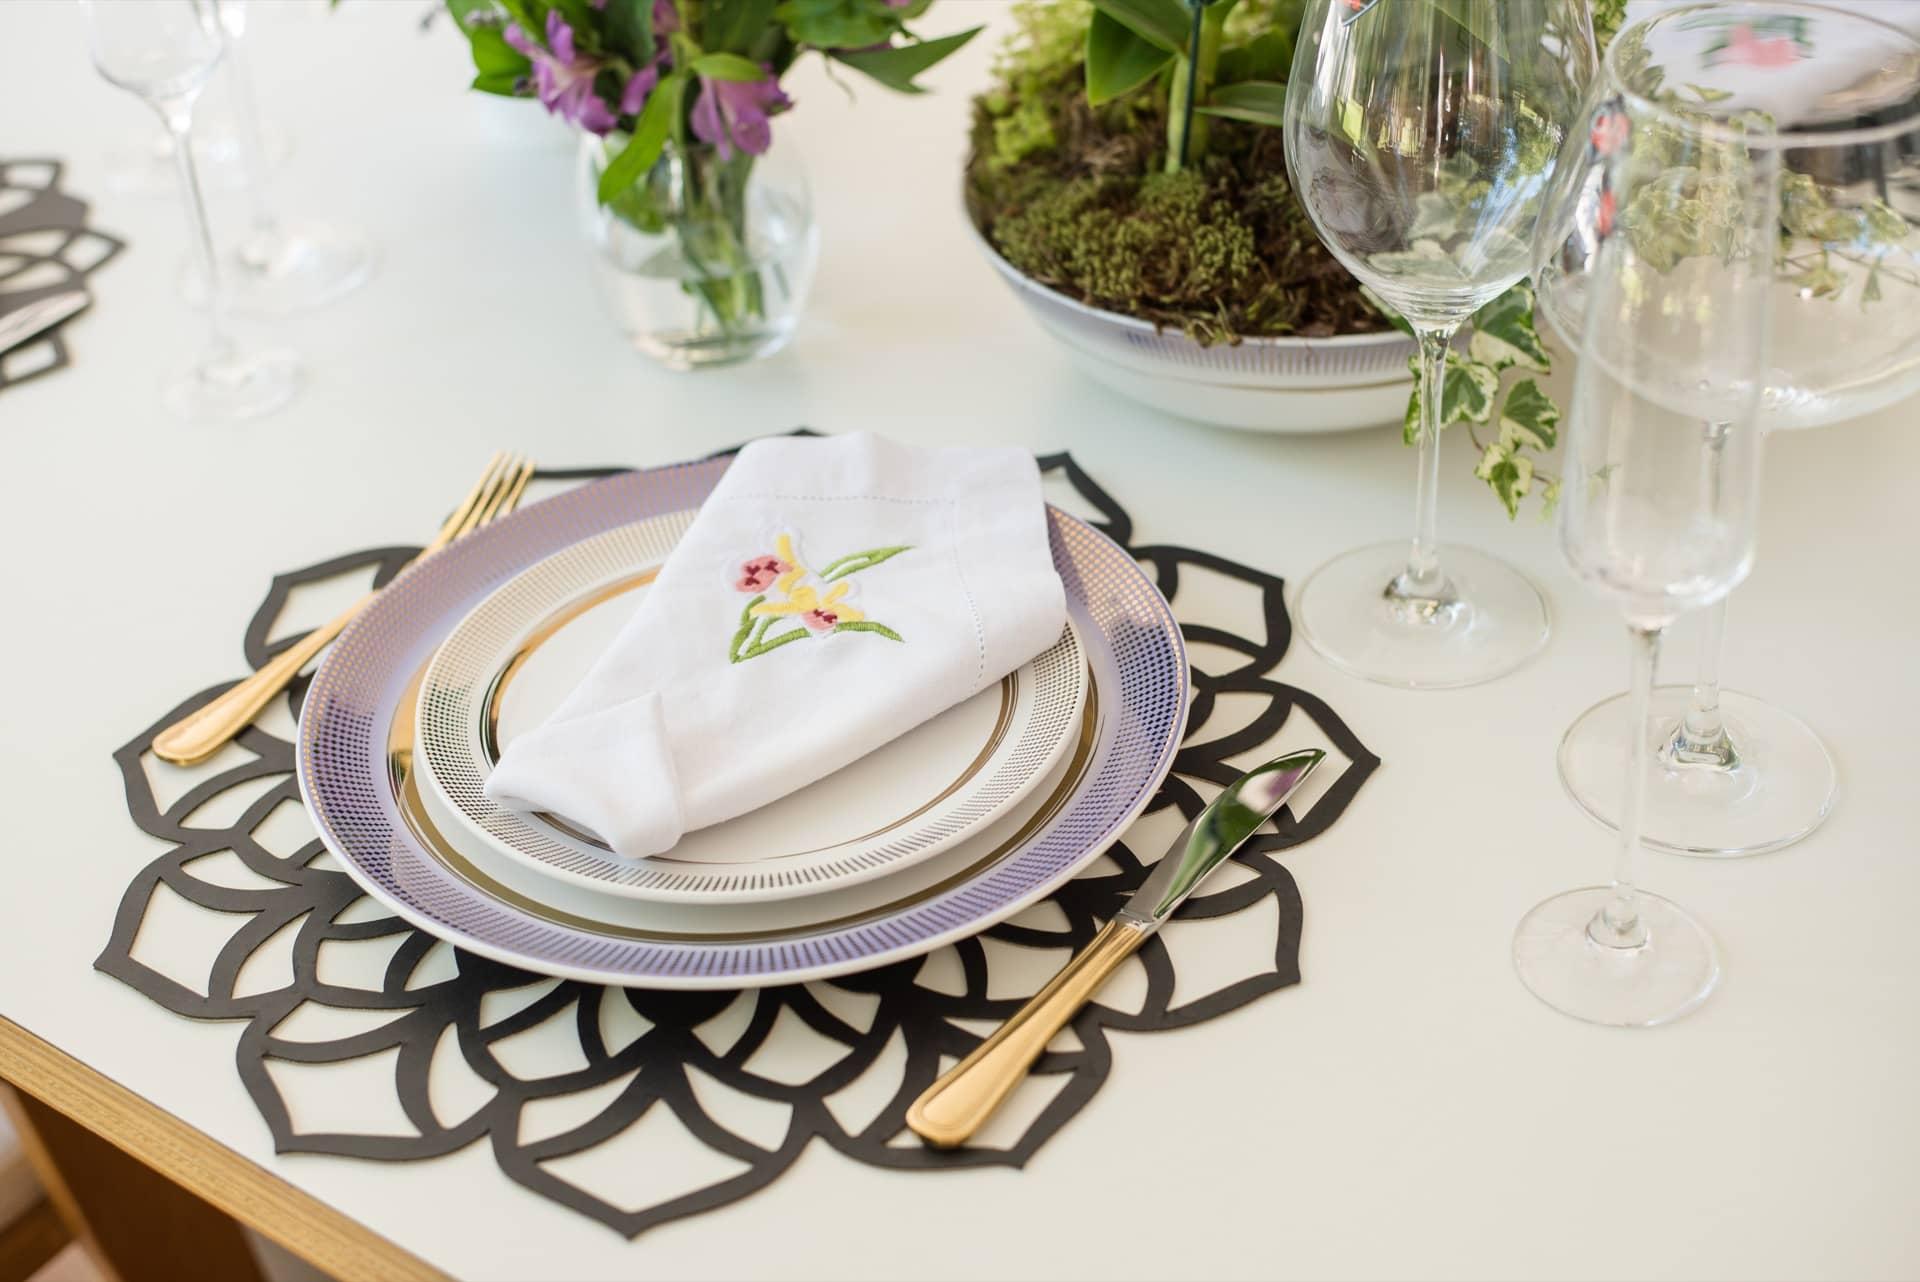 Imagem: As flores que enfeitam a mesa aparecem também nos guardanapos de linho bordados do Ateliê da Mesa. Foto: Karla Rudnick.